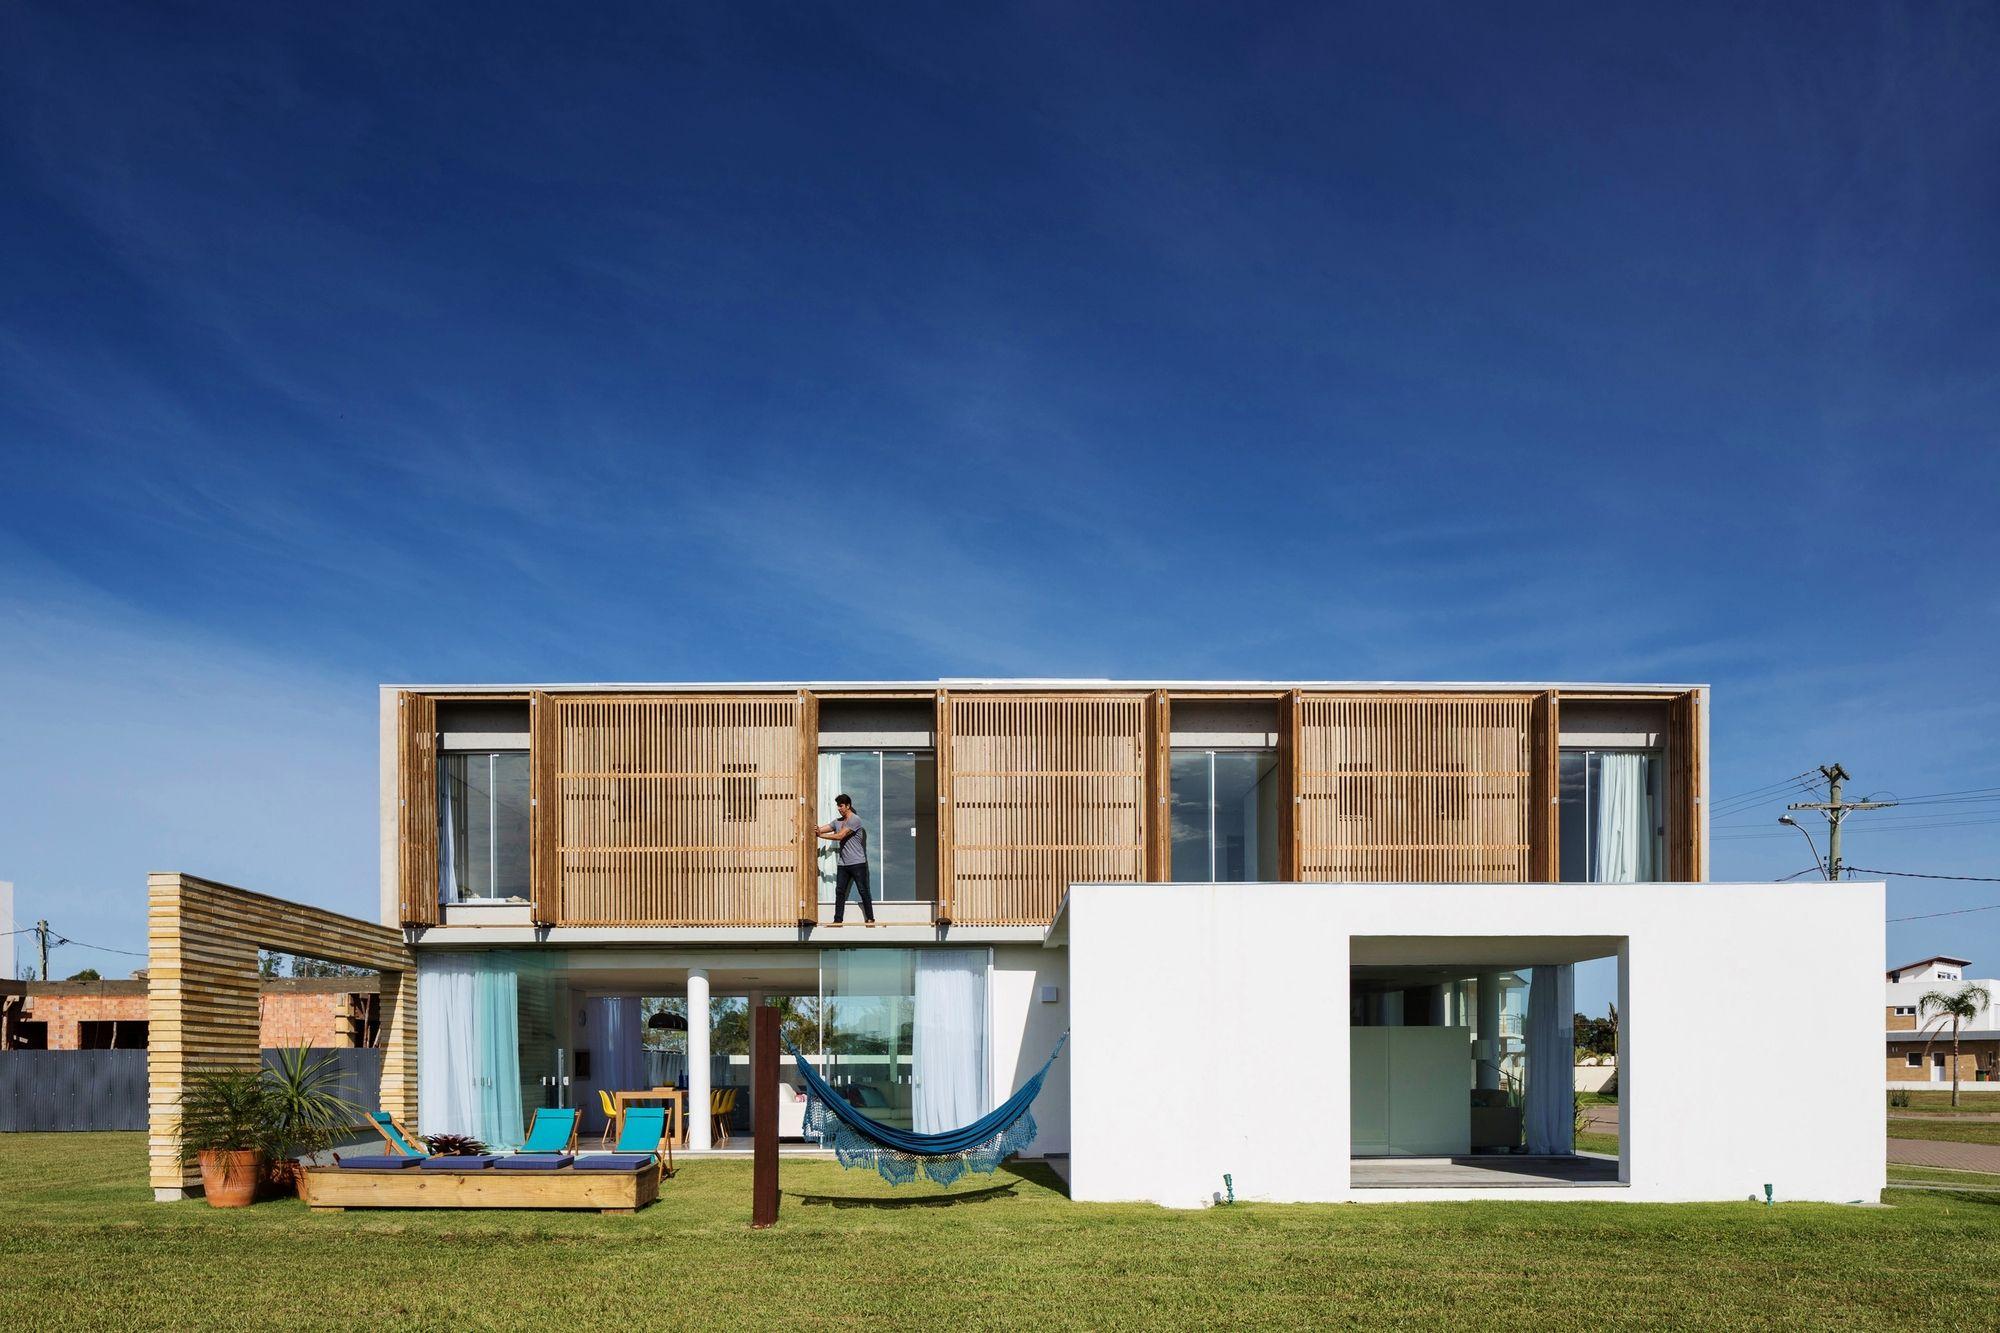 Rectangular Houses casa22 / hola arquitetura | house design, house plans and home